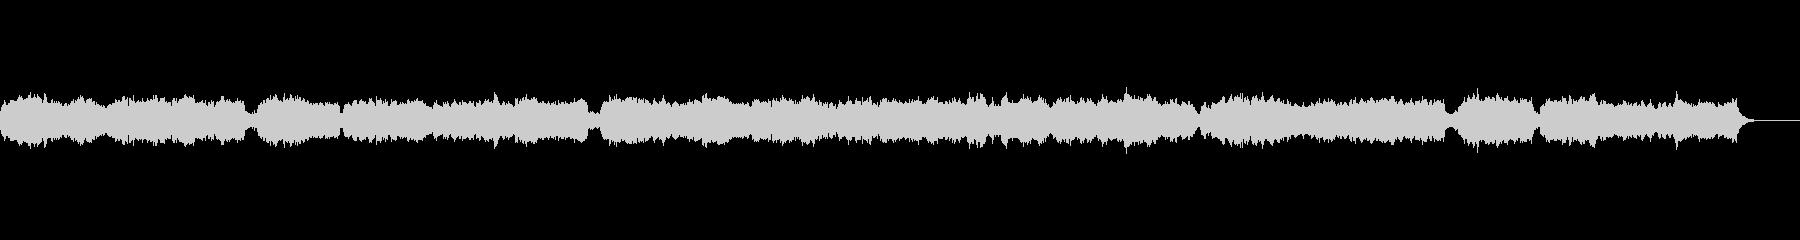 パイプオルガンを使ったエンディング風の曲の未再生の波形